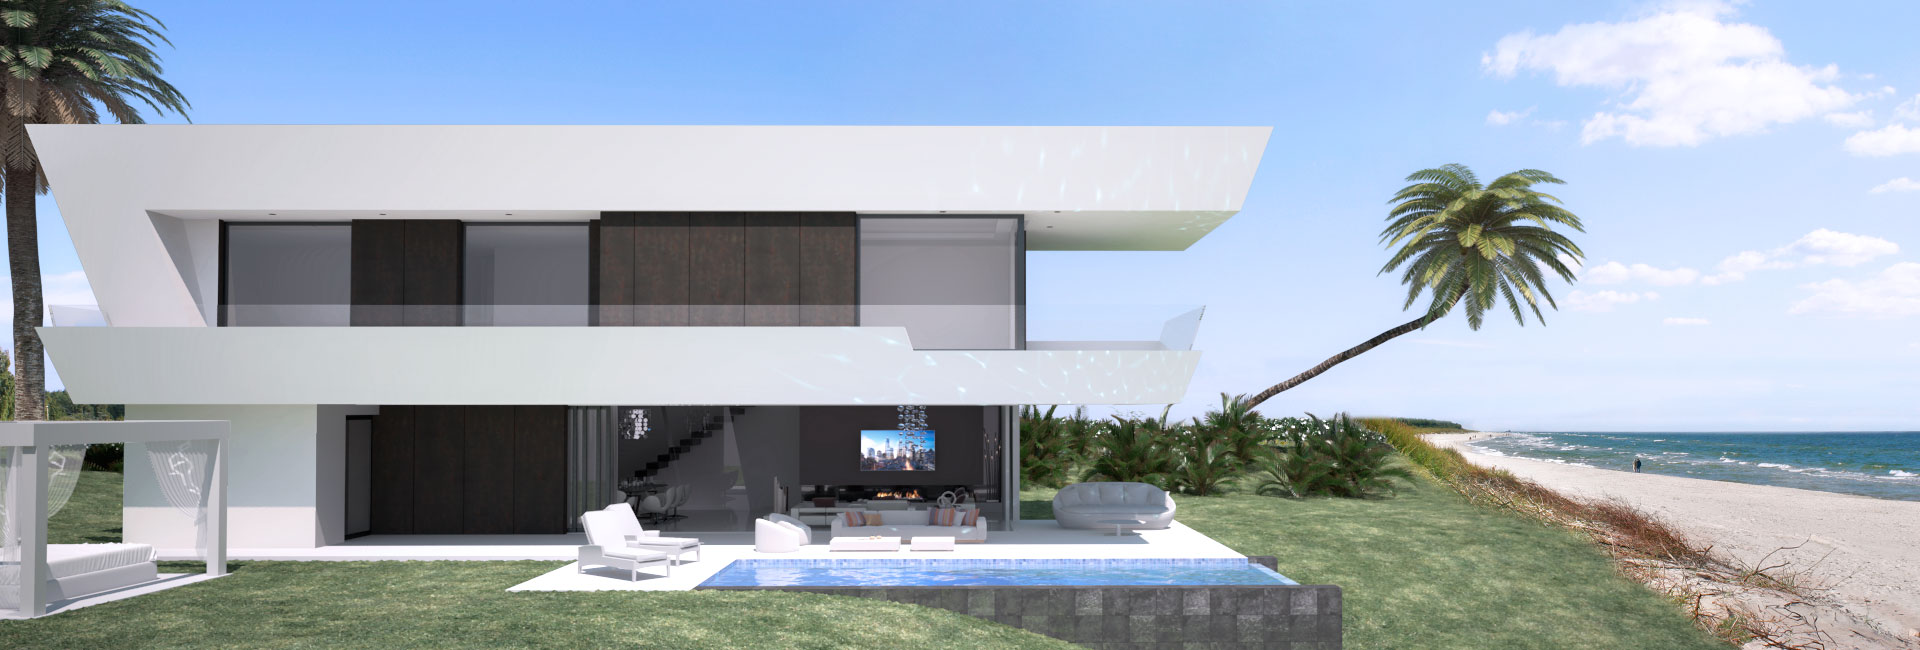 Infografía 3D Marbella playa